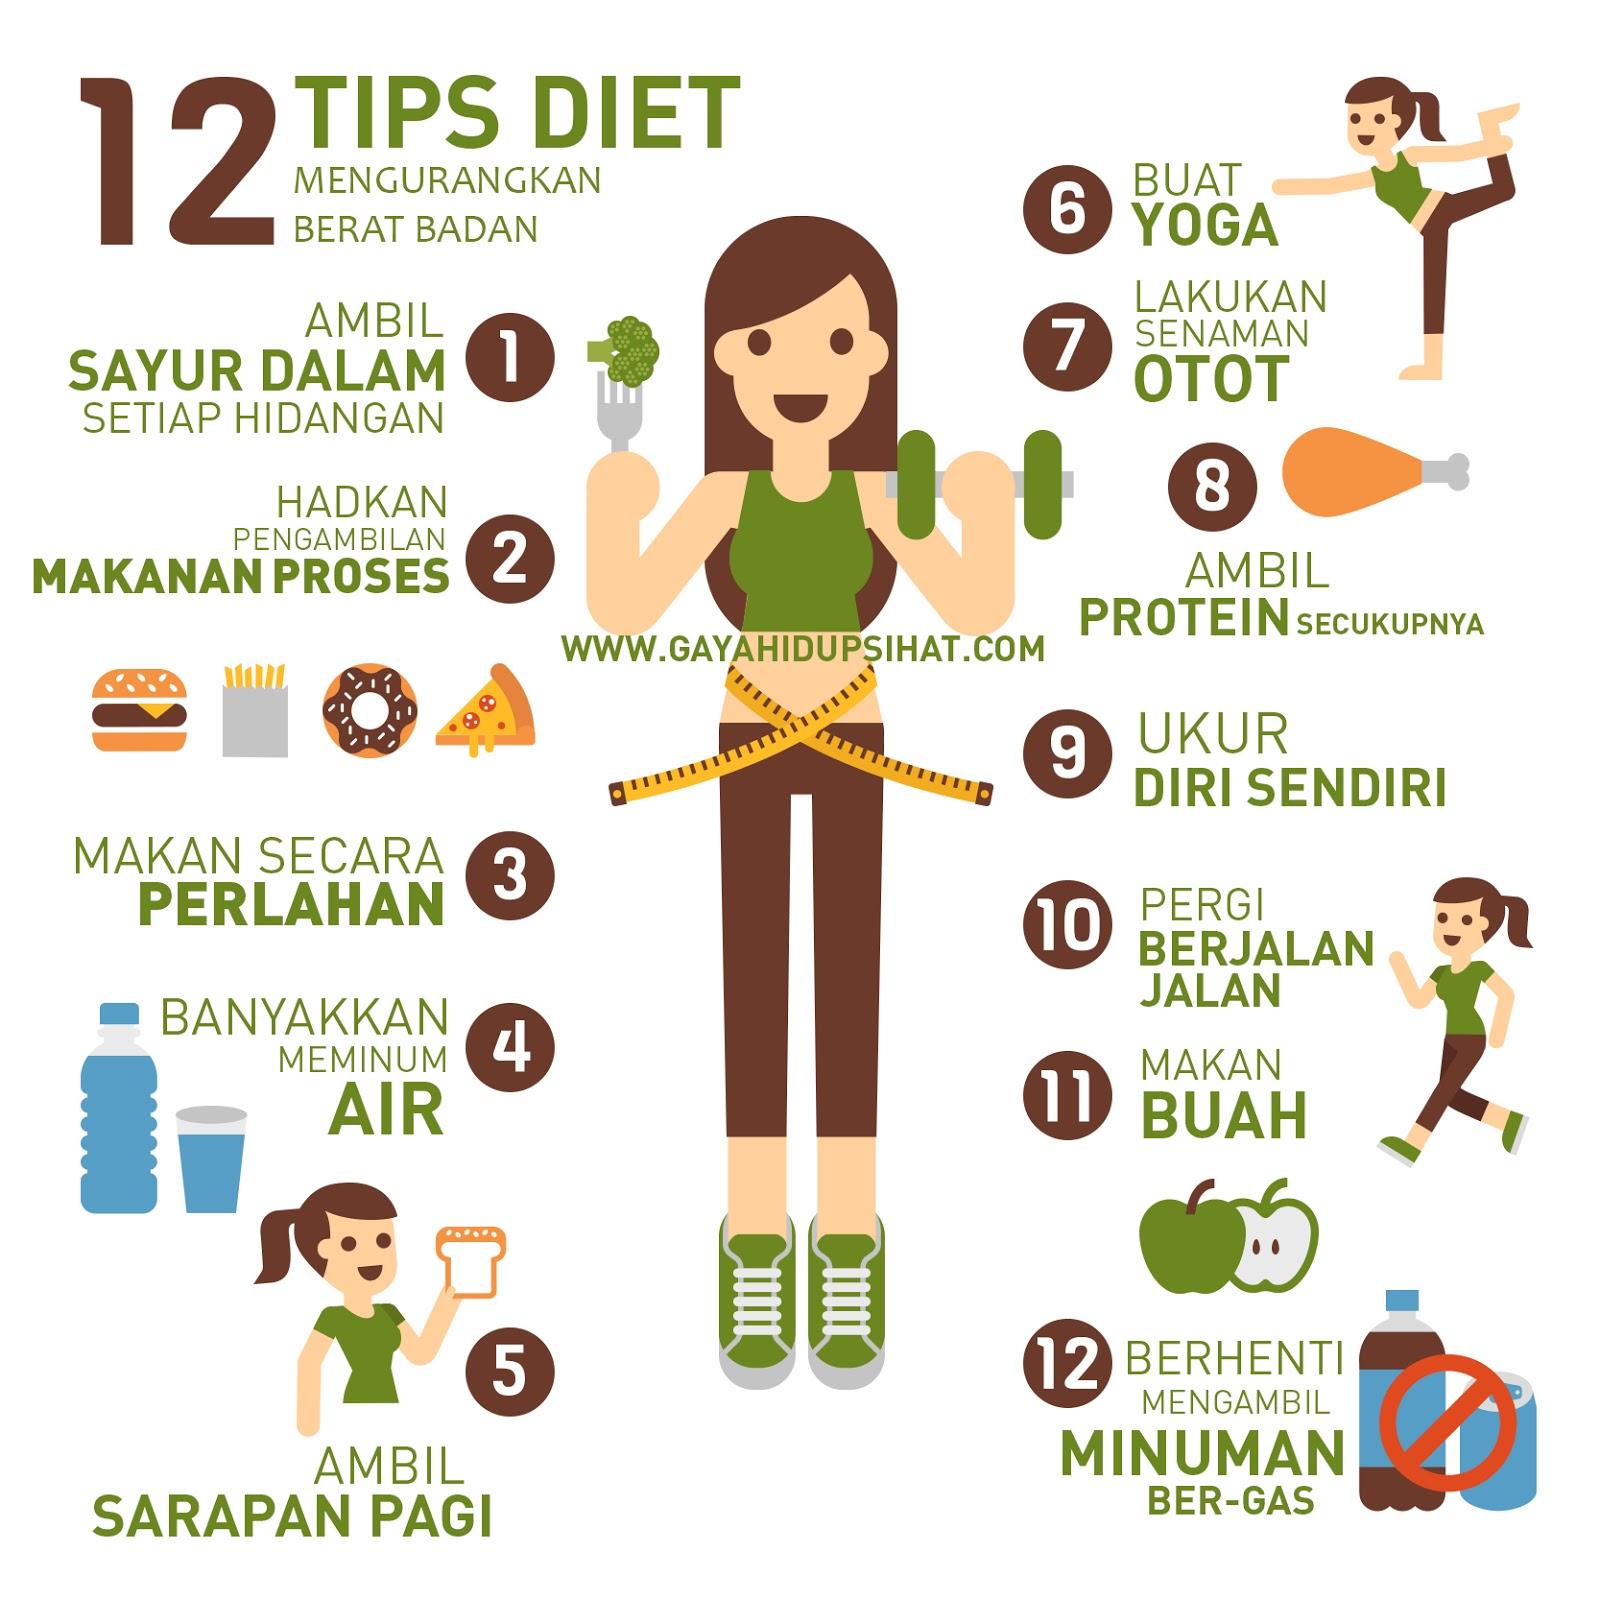 12 Tips Diet Untuk Kurangkan Berat Badan - Gaya Hidup Sihat